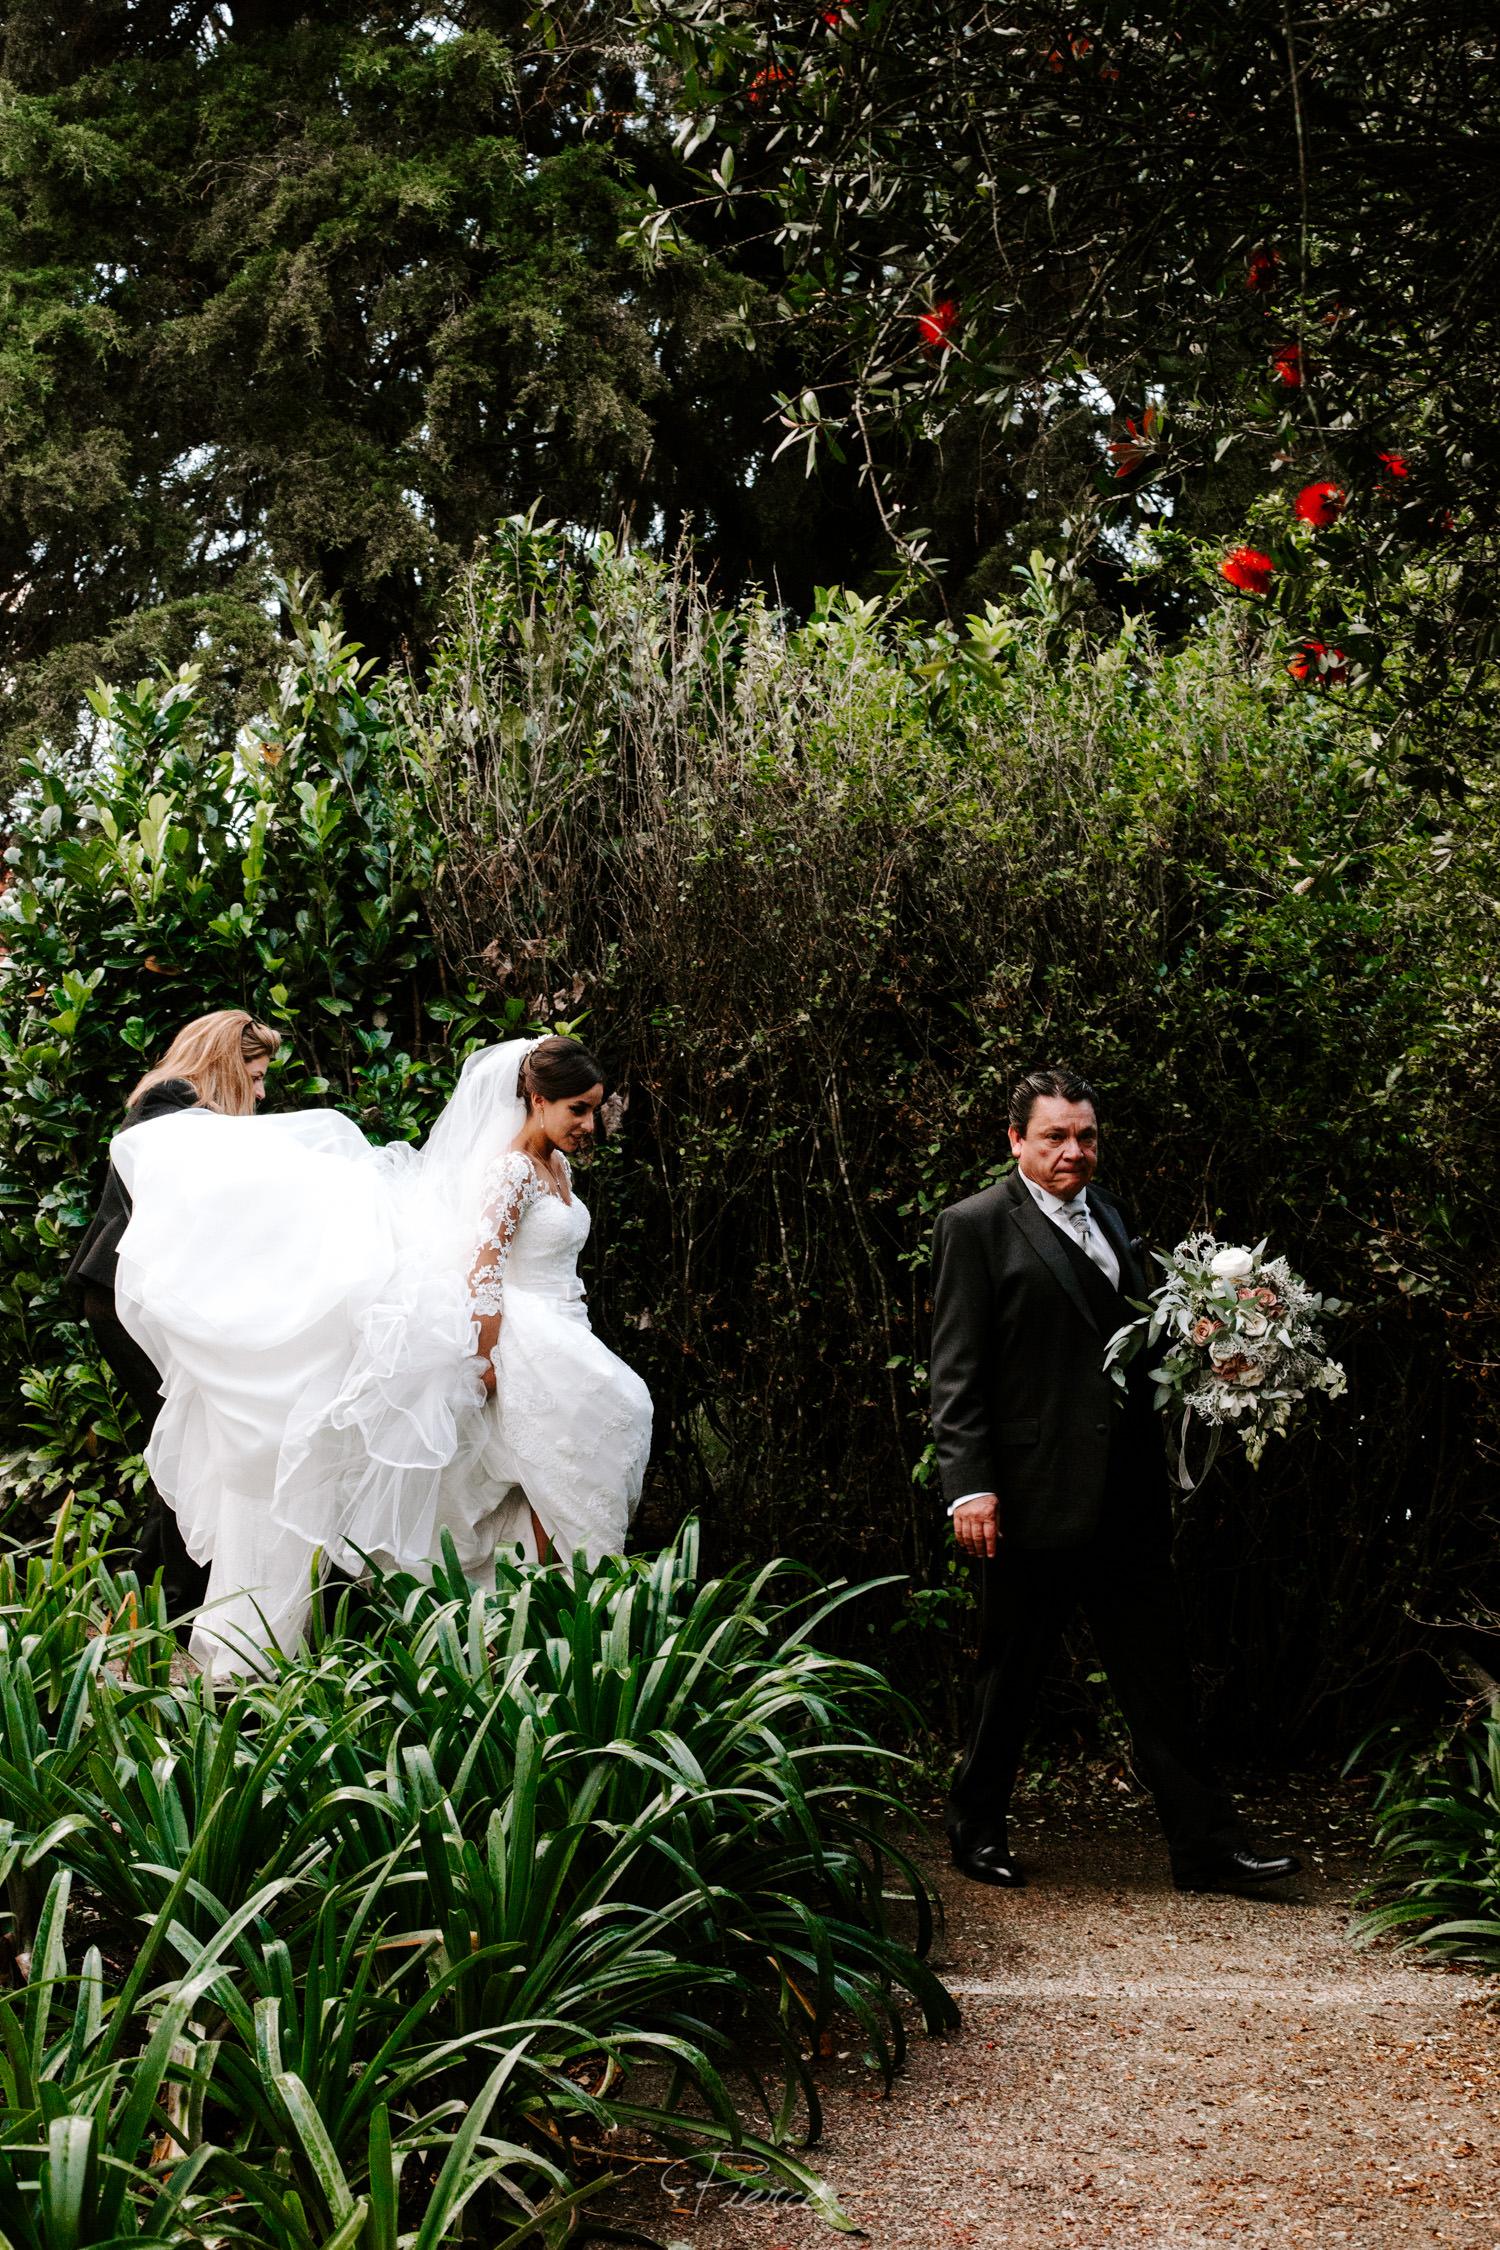 fotografia-de-boda-valle-de-bravo-mexico-rosmarino-pierce-weddings-0263.JPG